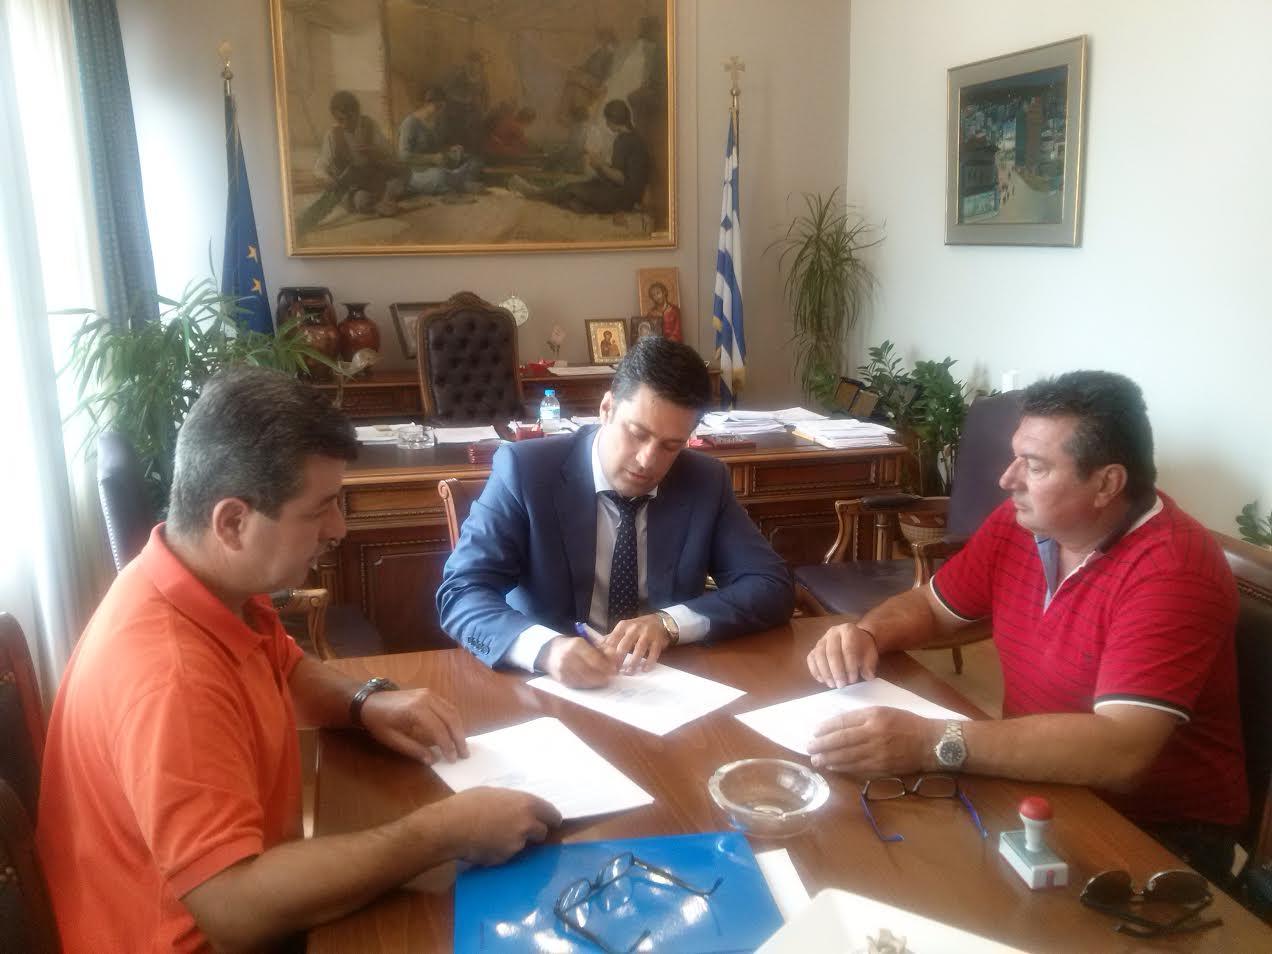 Σύμβαση για έργα οδοποιίας στα Αη Βασιλιώτικα